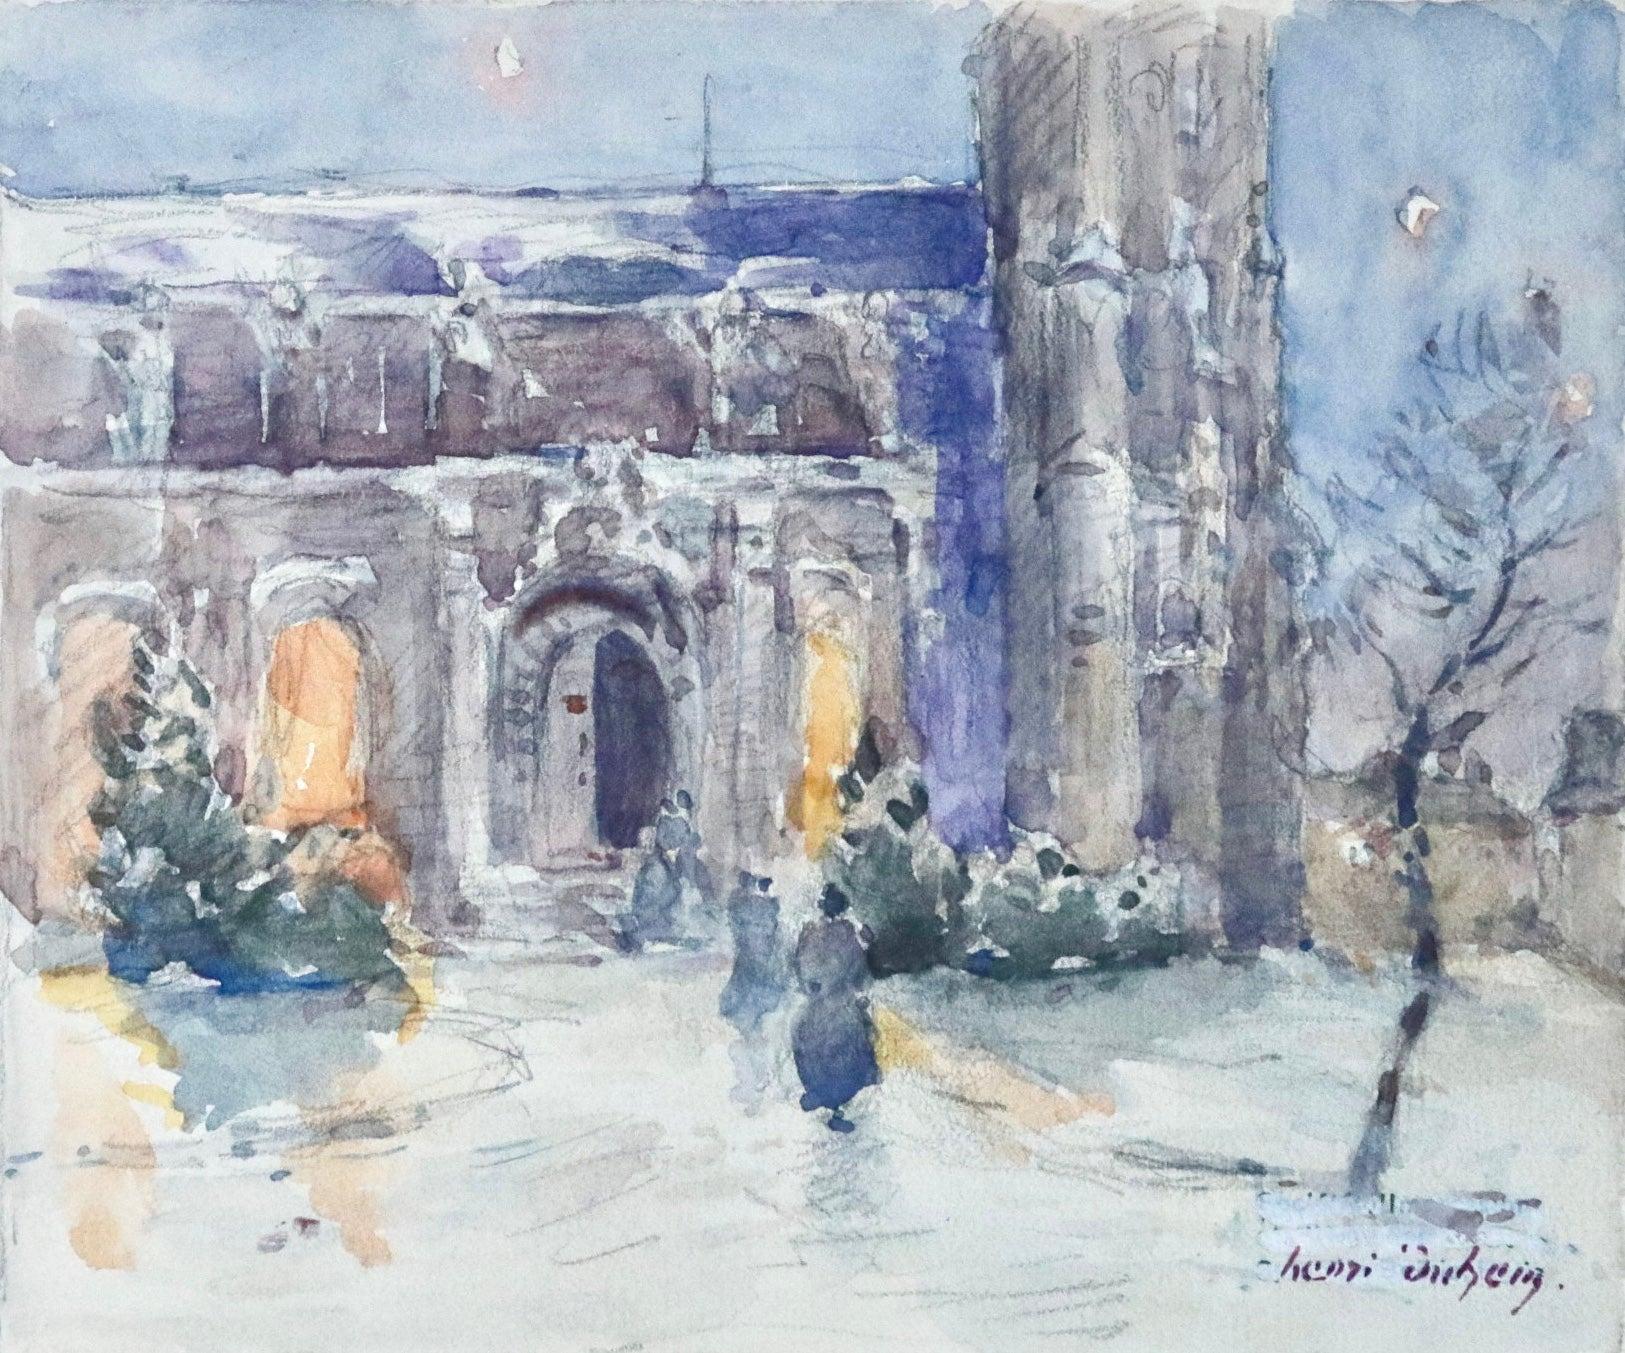 L'Église dans la Neige -19th Century Watercolor, Figures in Snow Landscape Duhem